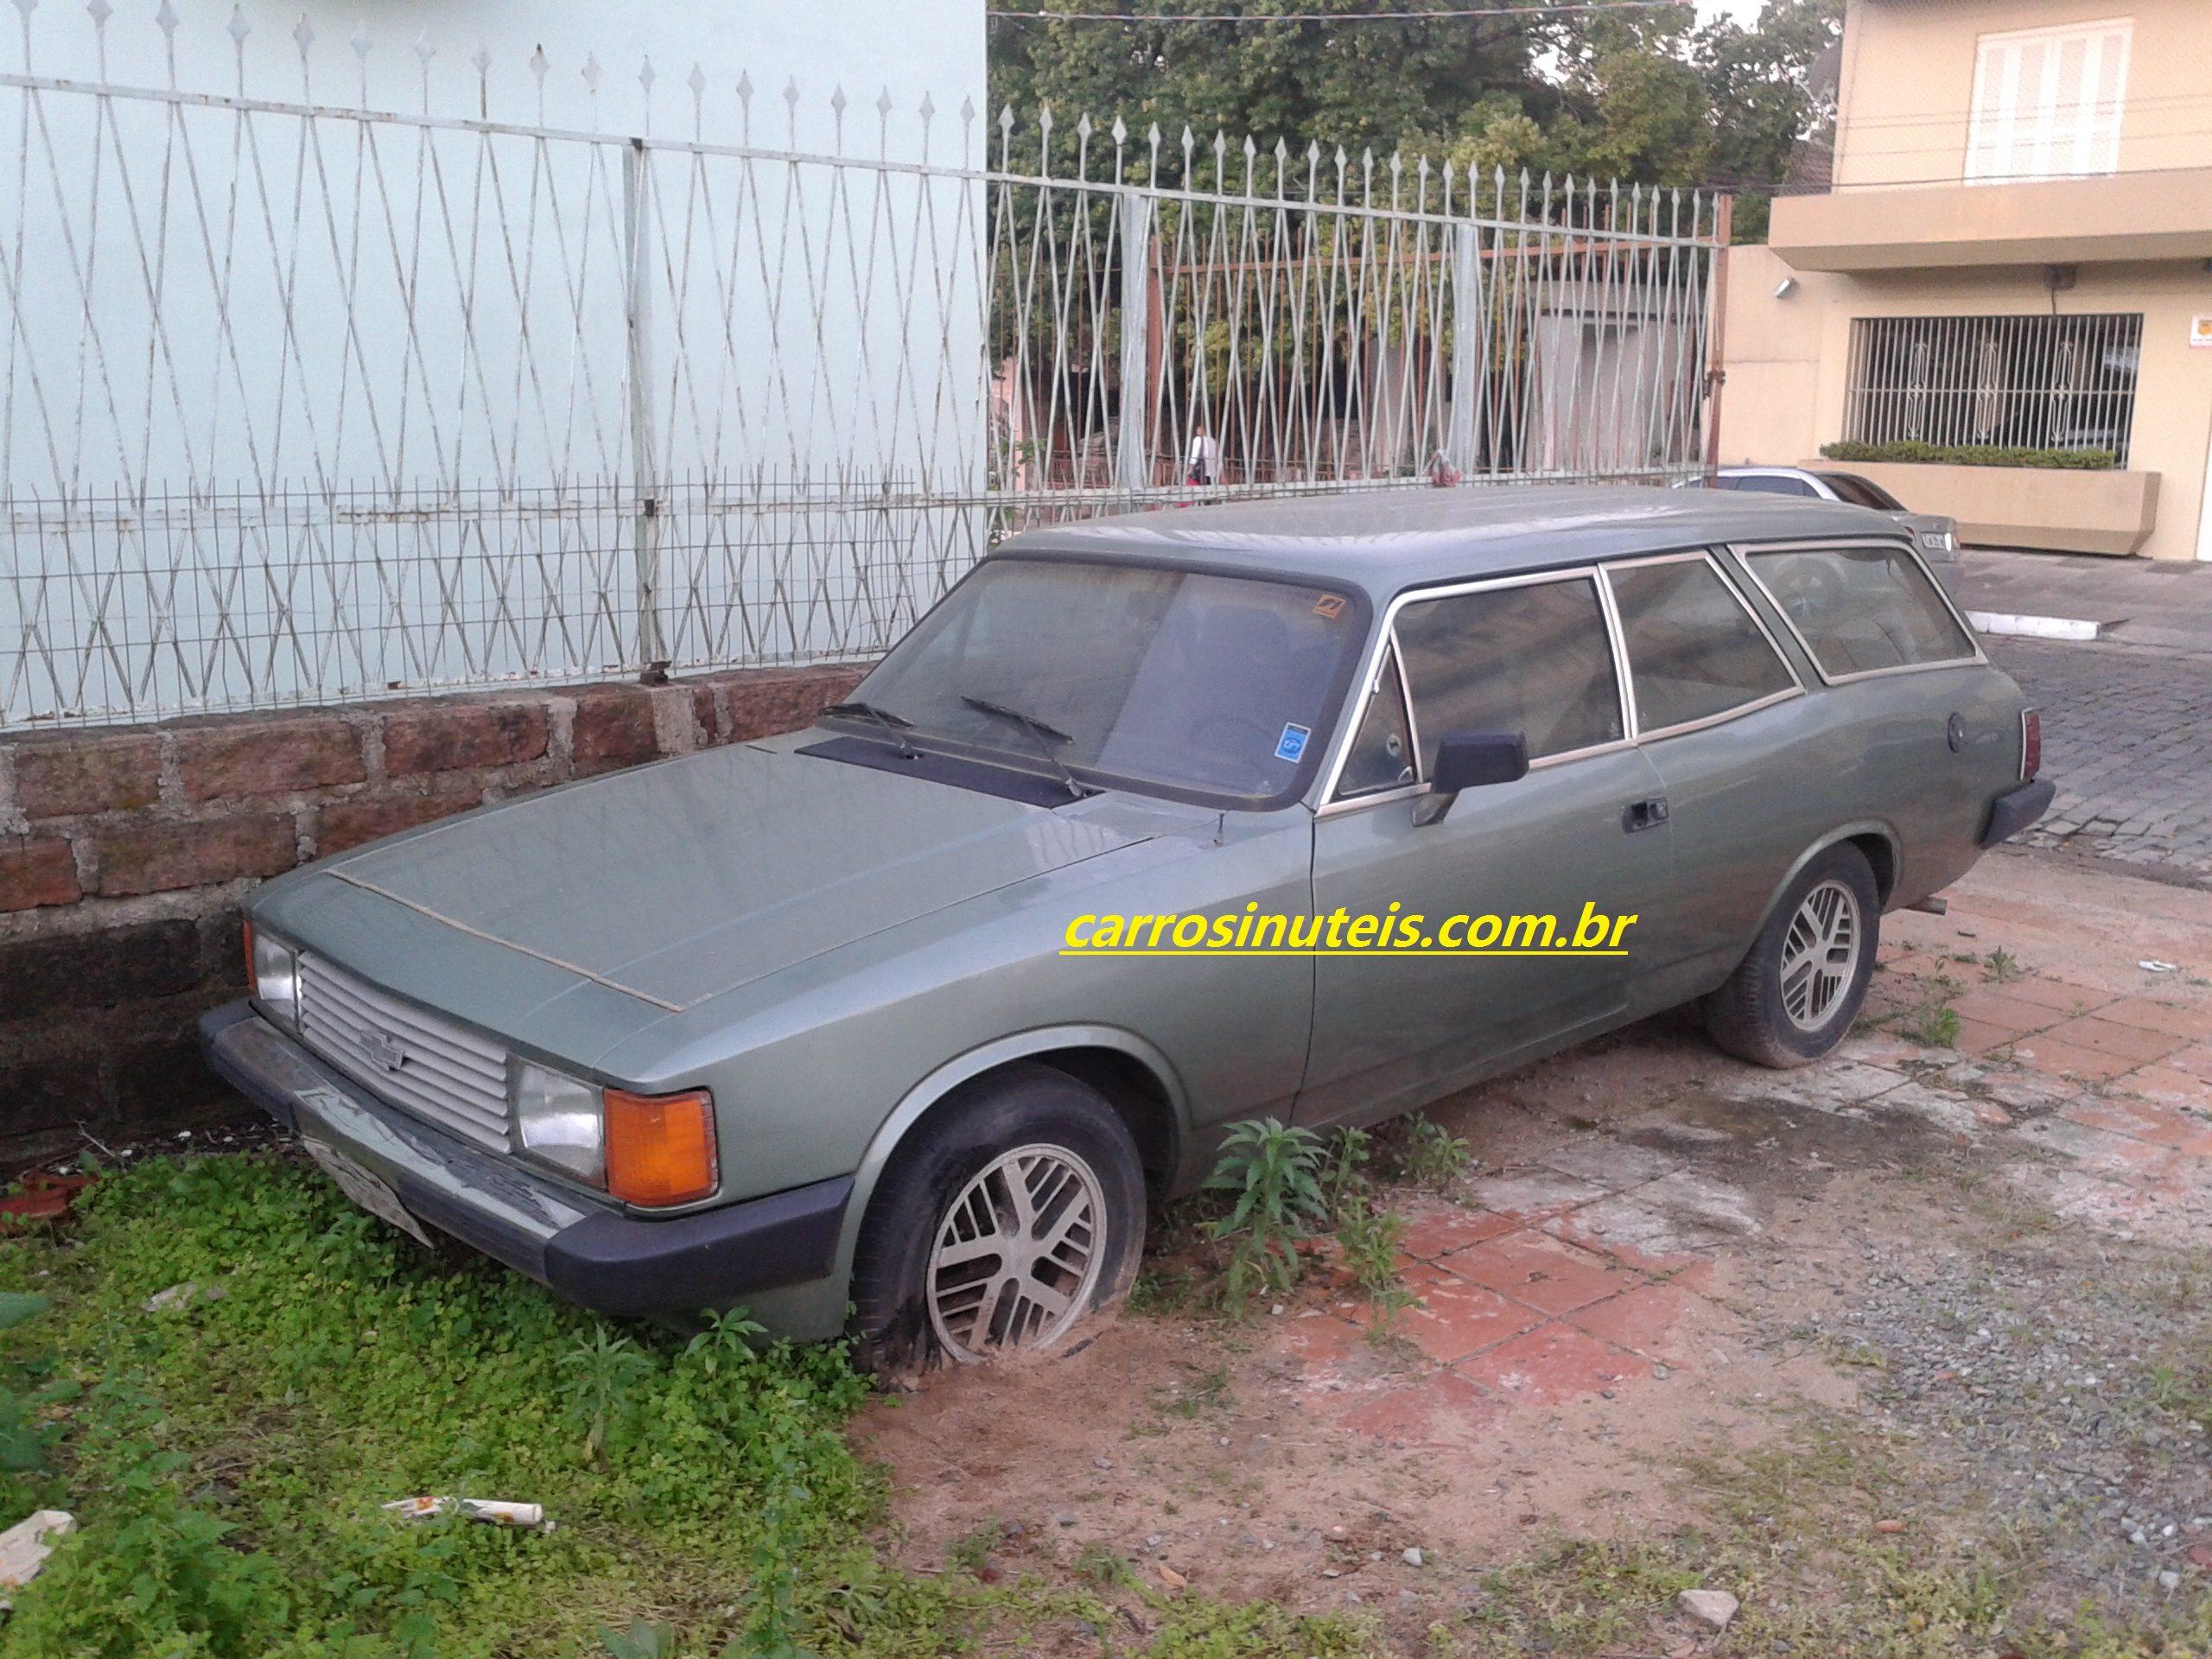 Everton-Nunes-caravan-Taquara-RS GM Caravan, Everton, Taquara-RS